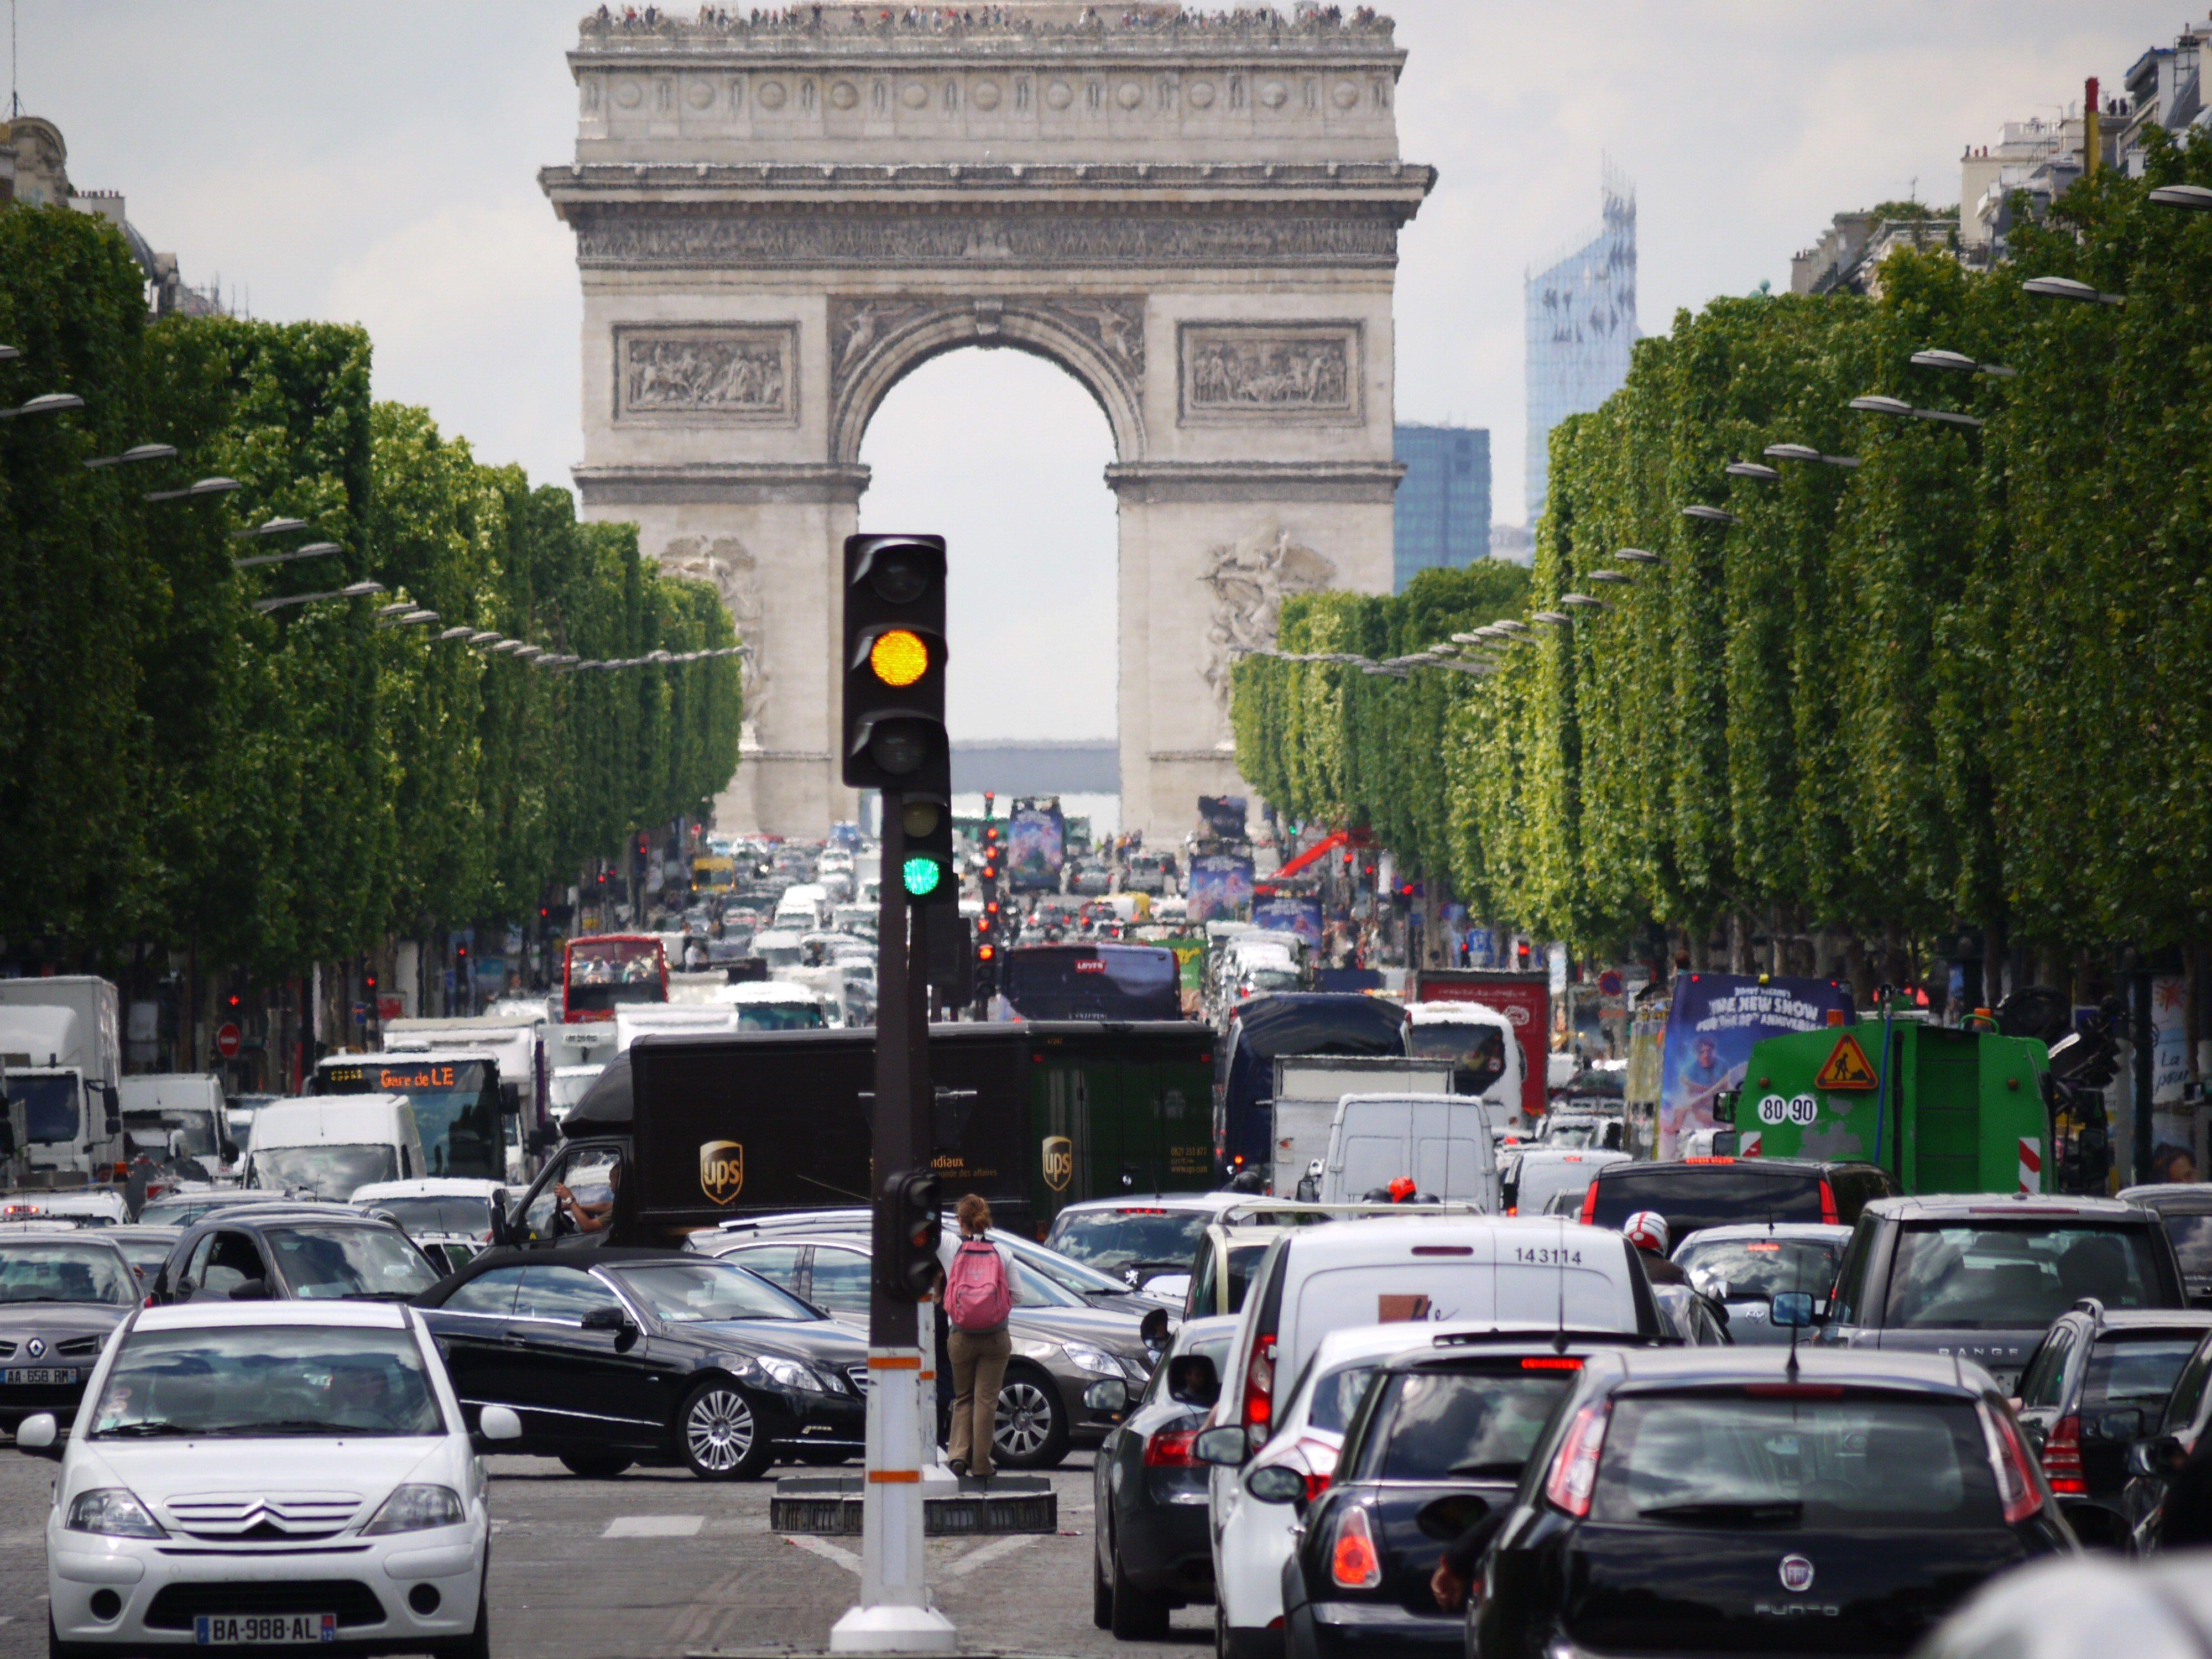 Paris embouteillages